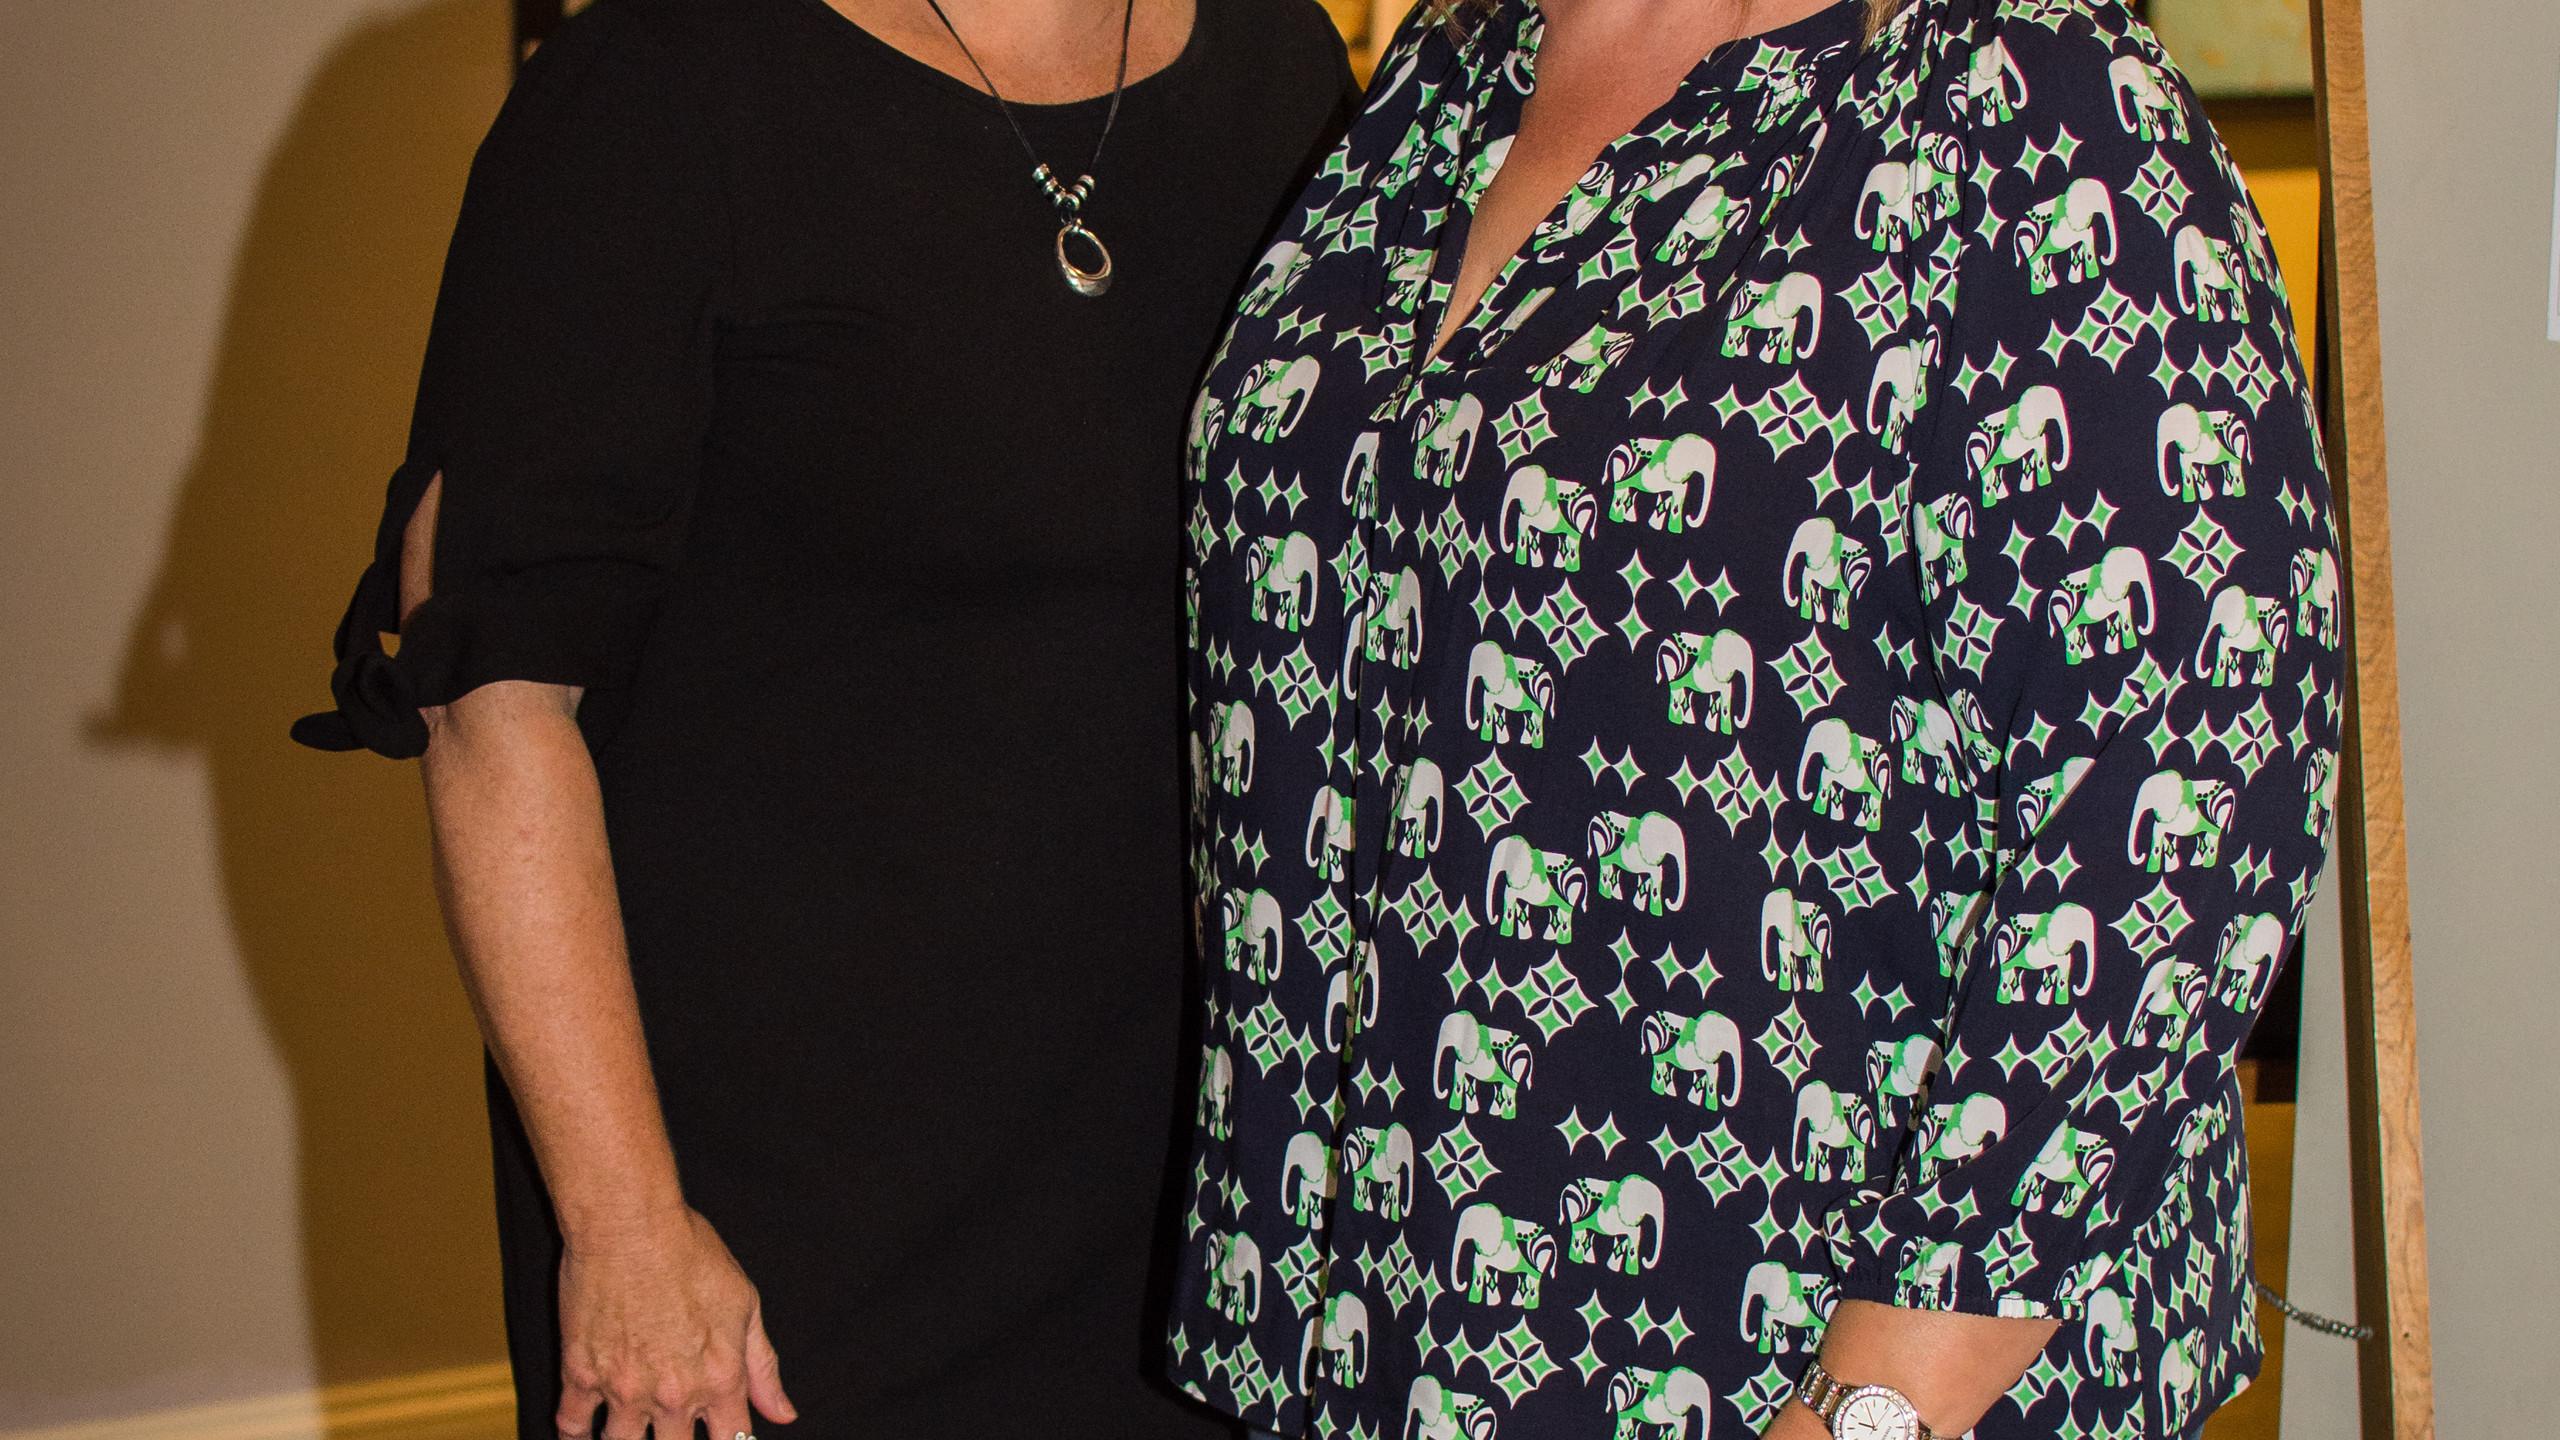 Joni Hargrove and Deanna McLaughlin